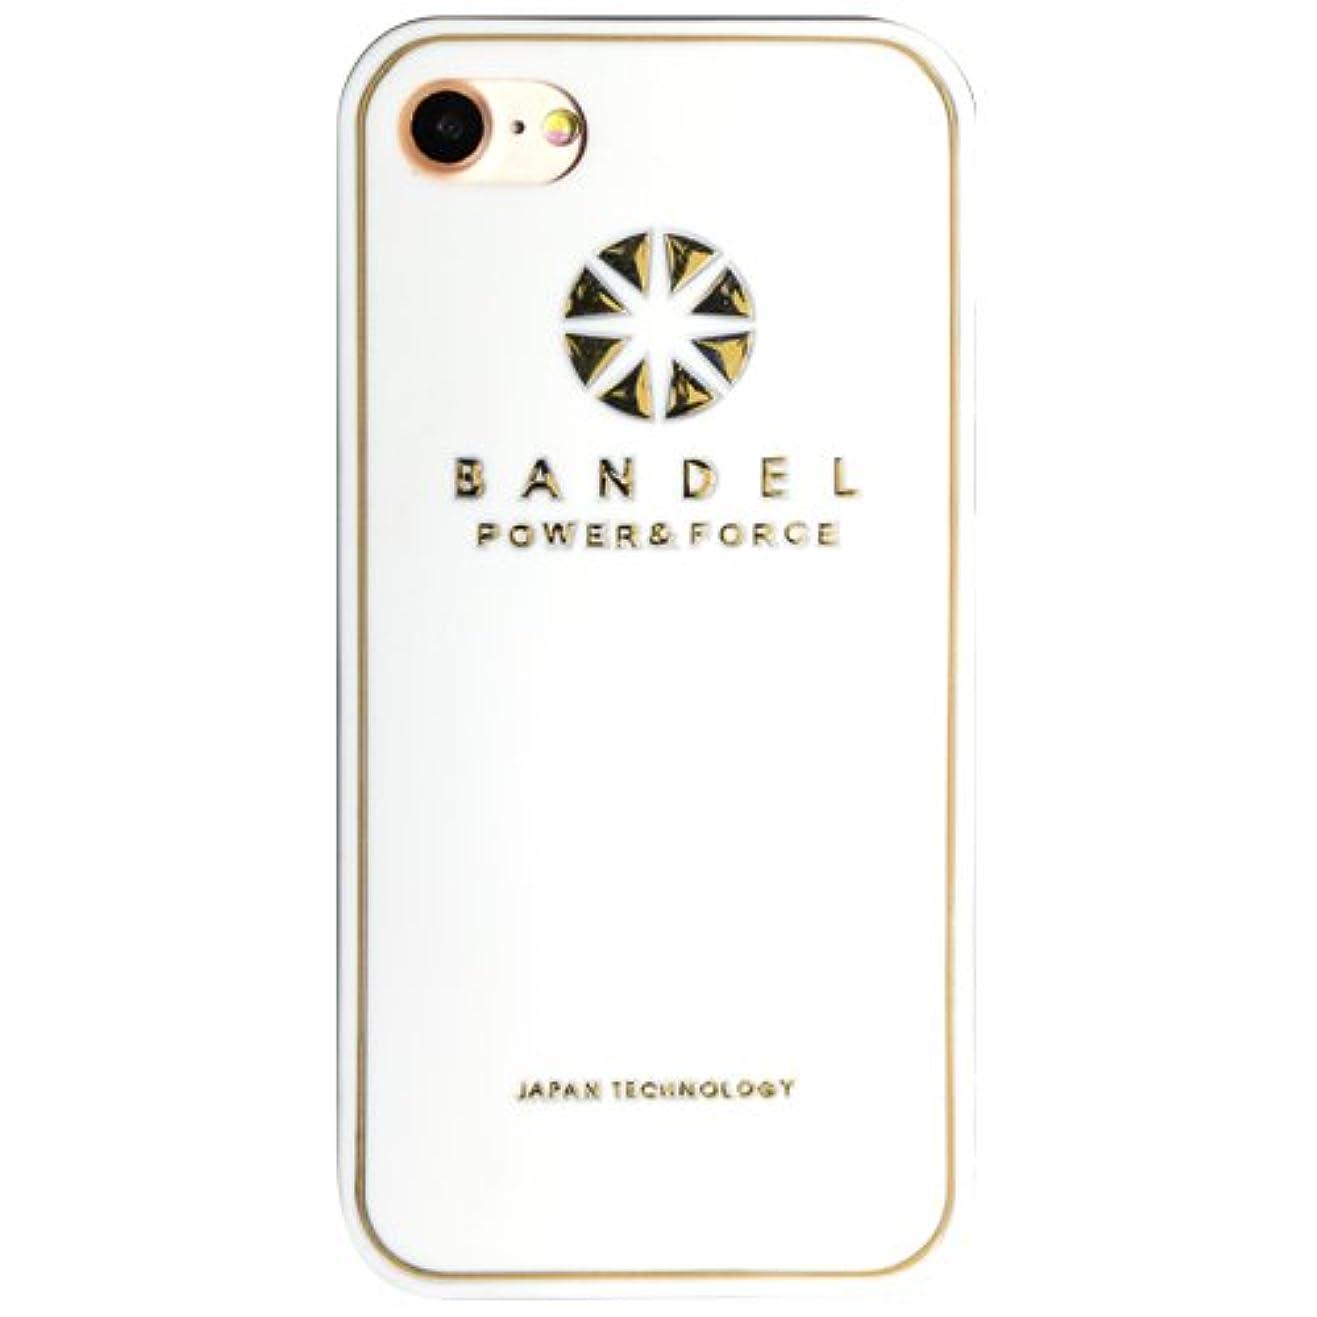 長椅子爆弾ワイドバンデル(BANDEL)iPhone7Plus ケース ロゴ[ホワイト×ゴールド]/スマホケース iPhoneケース iPhone用